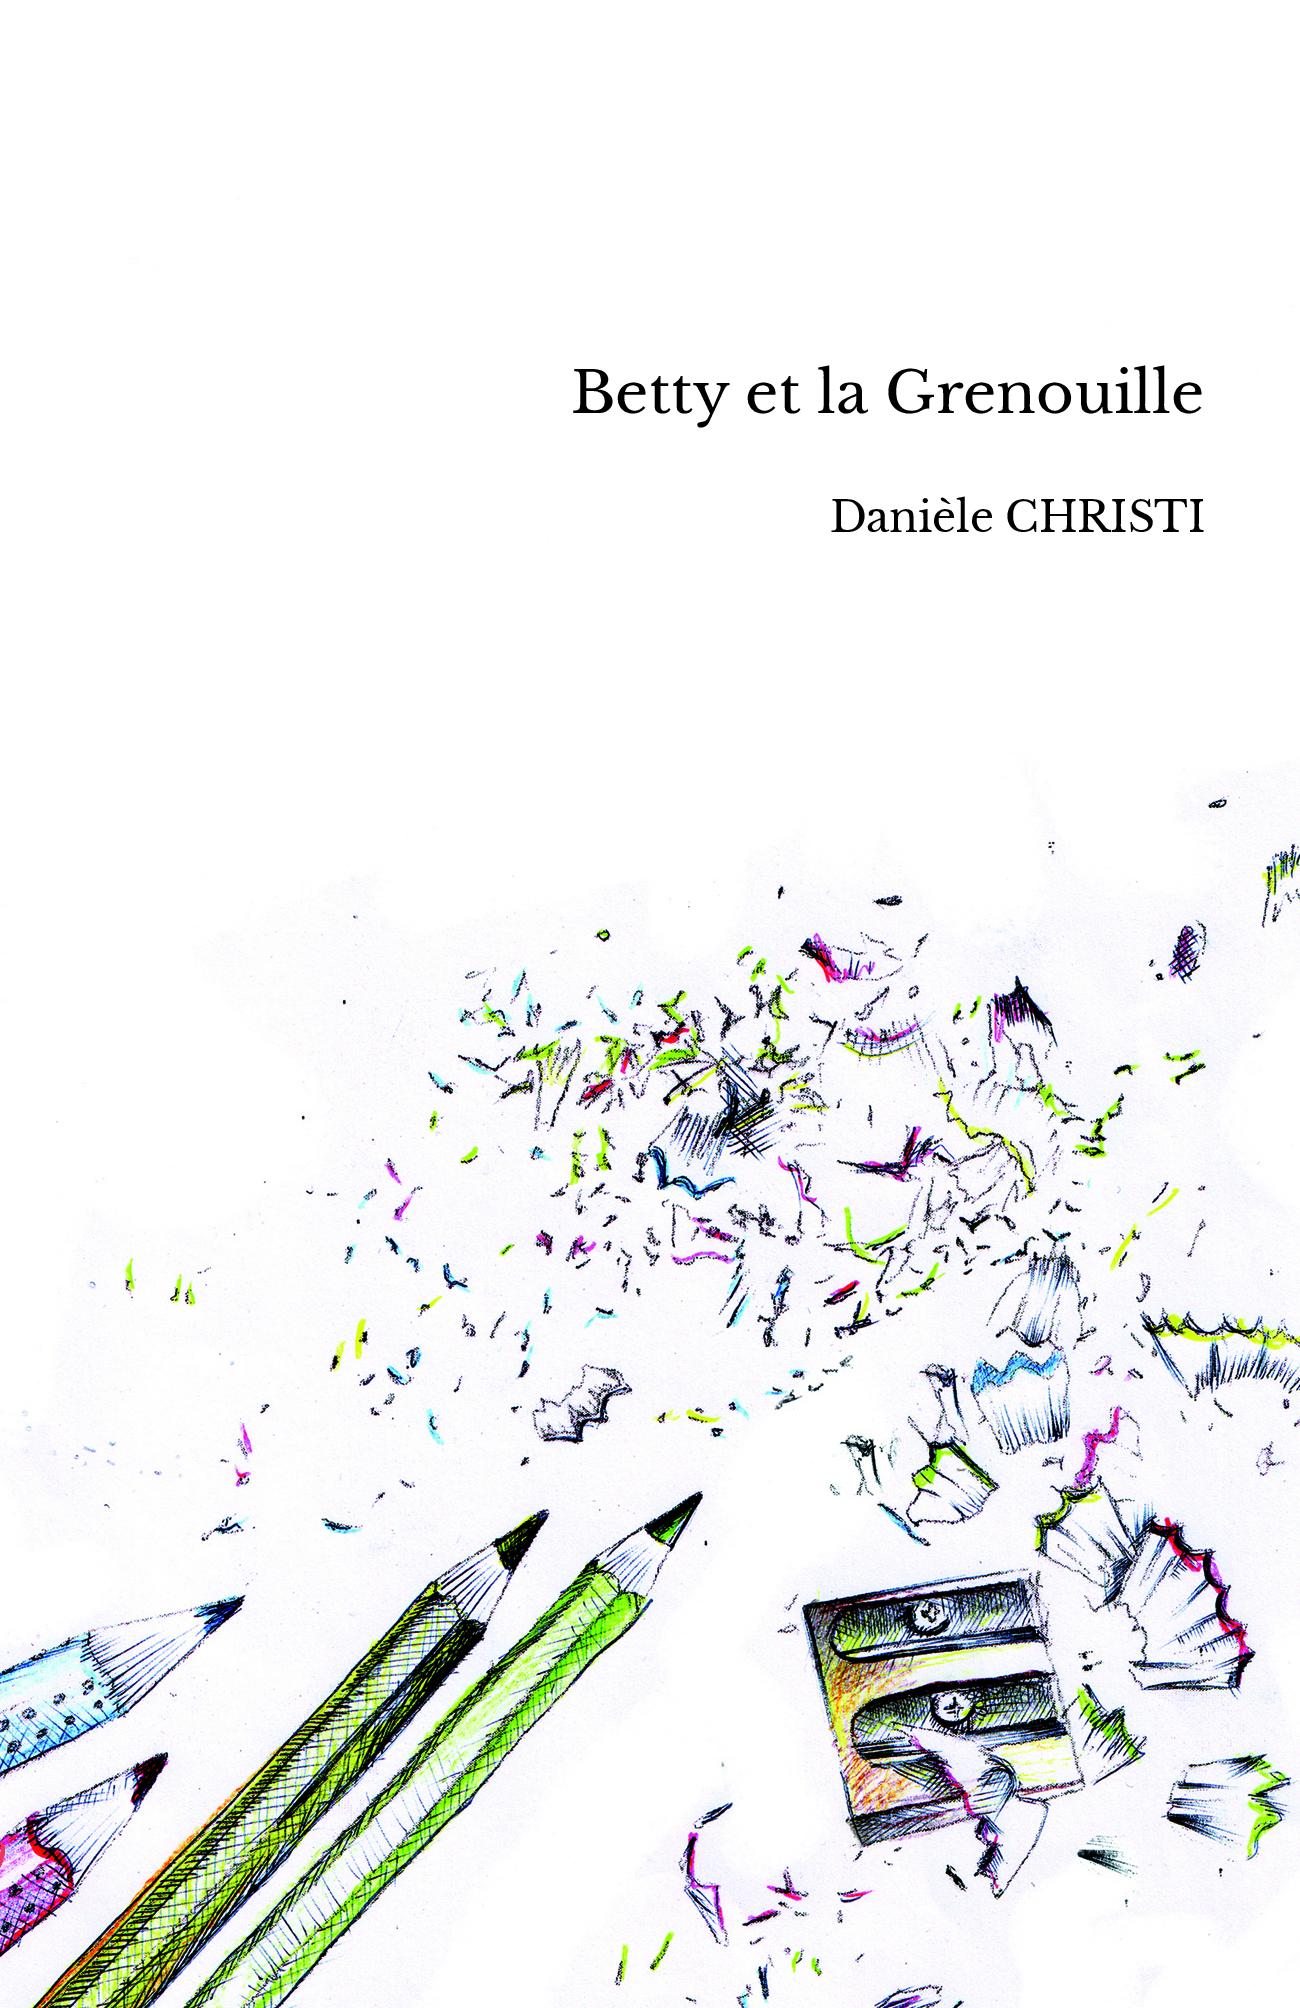 Betty et la Grenouille